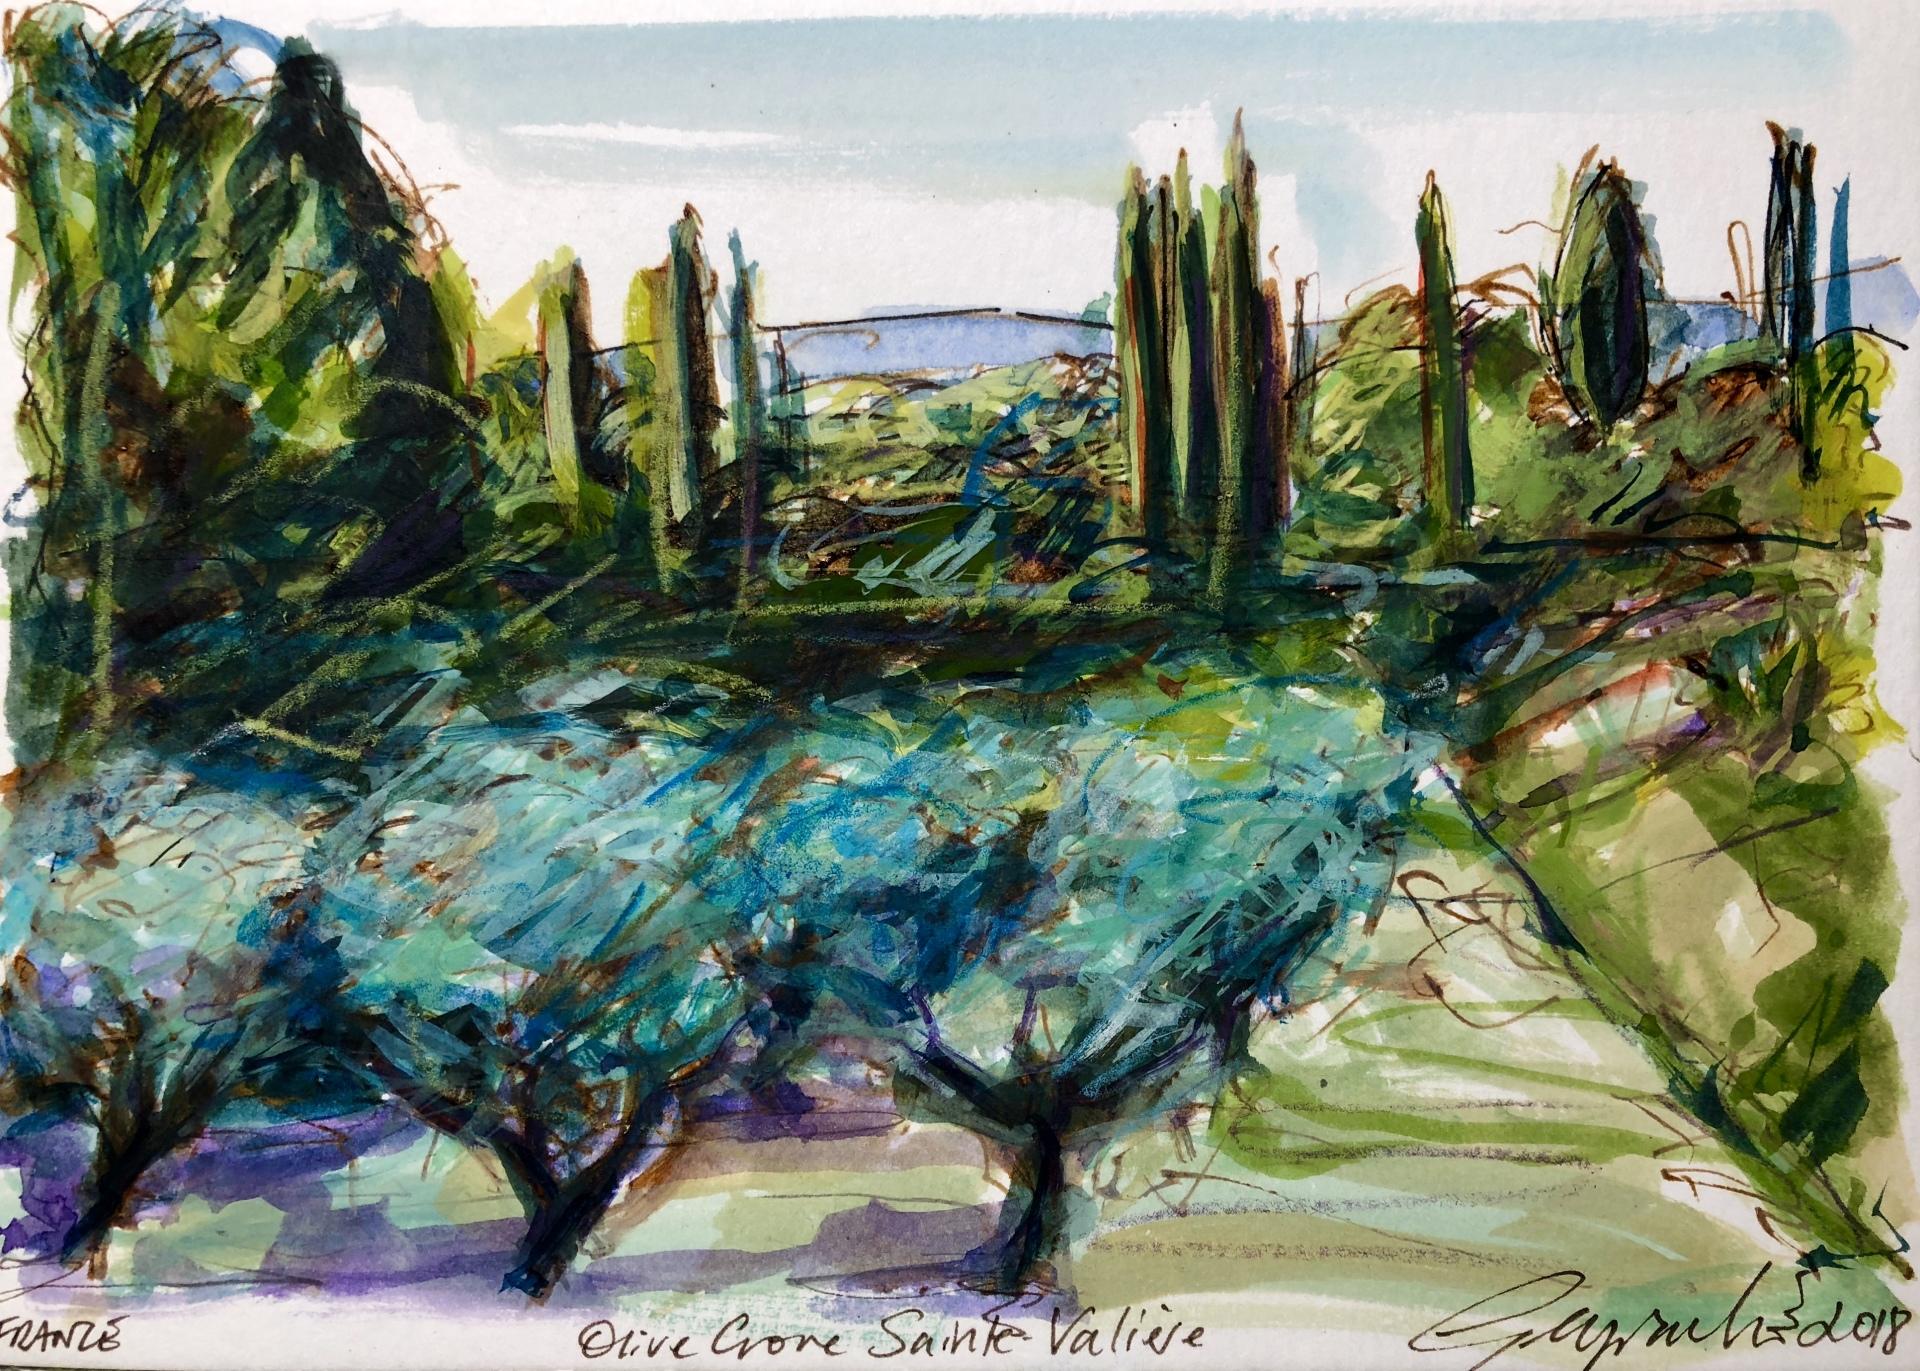 Olive Grove Sainte Valiére